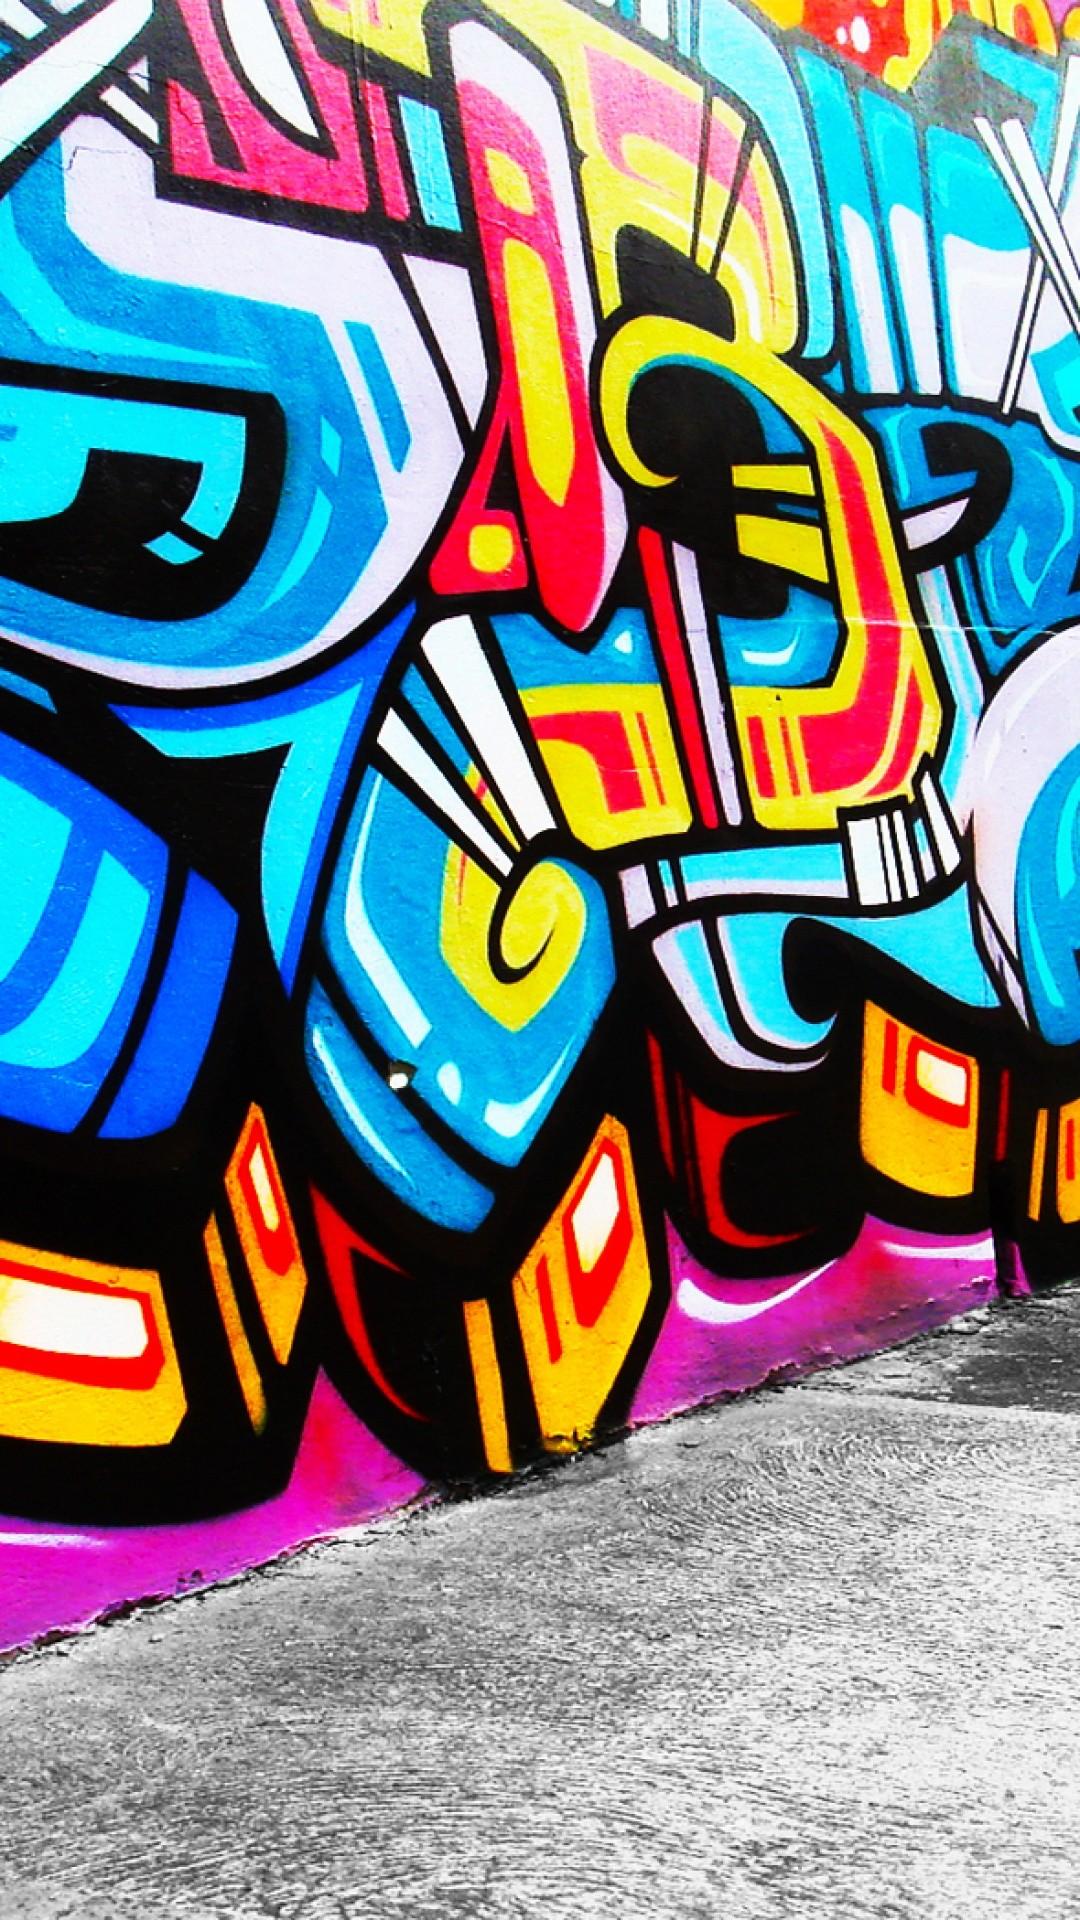 Graffiti Mobile Phone Wallpaper